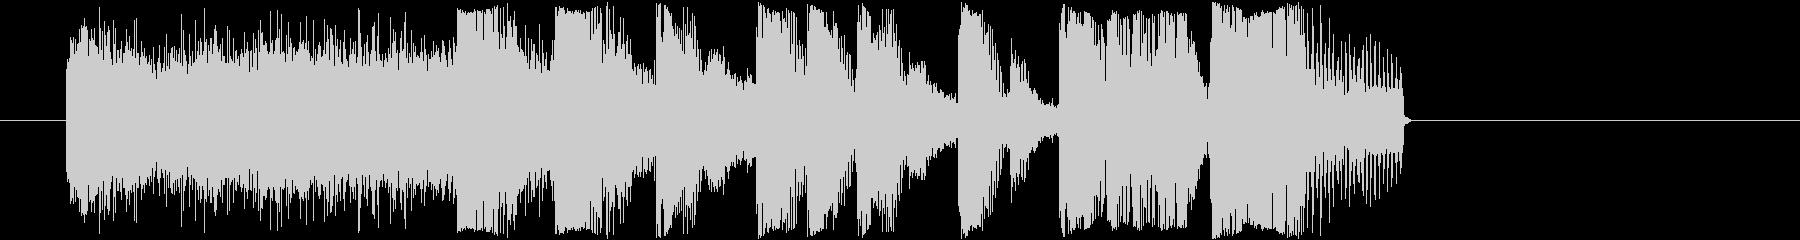 エレクト_ハイクオリティージングル_16の未再生の波形